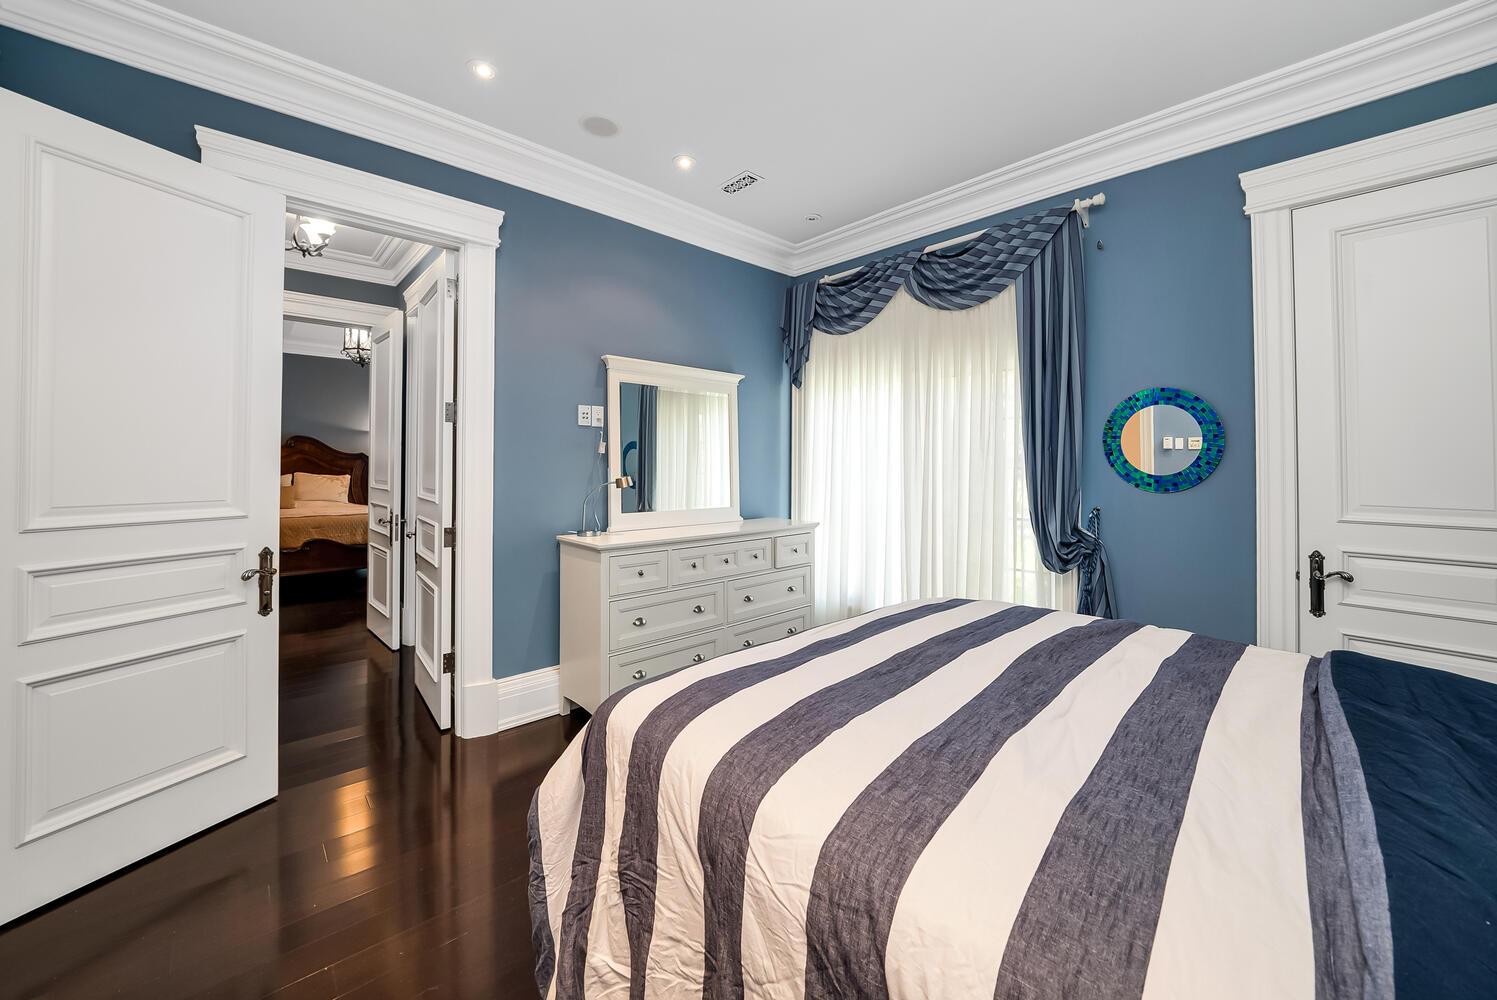 Bedroom 4-053-045-1498x1000